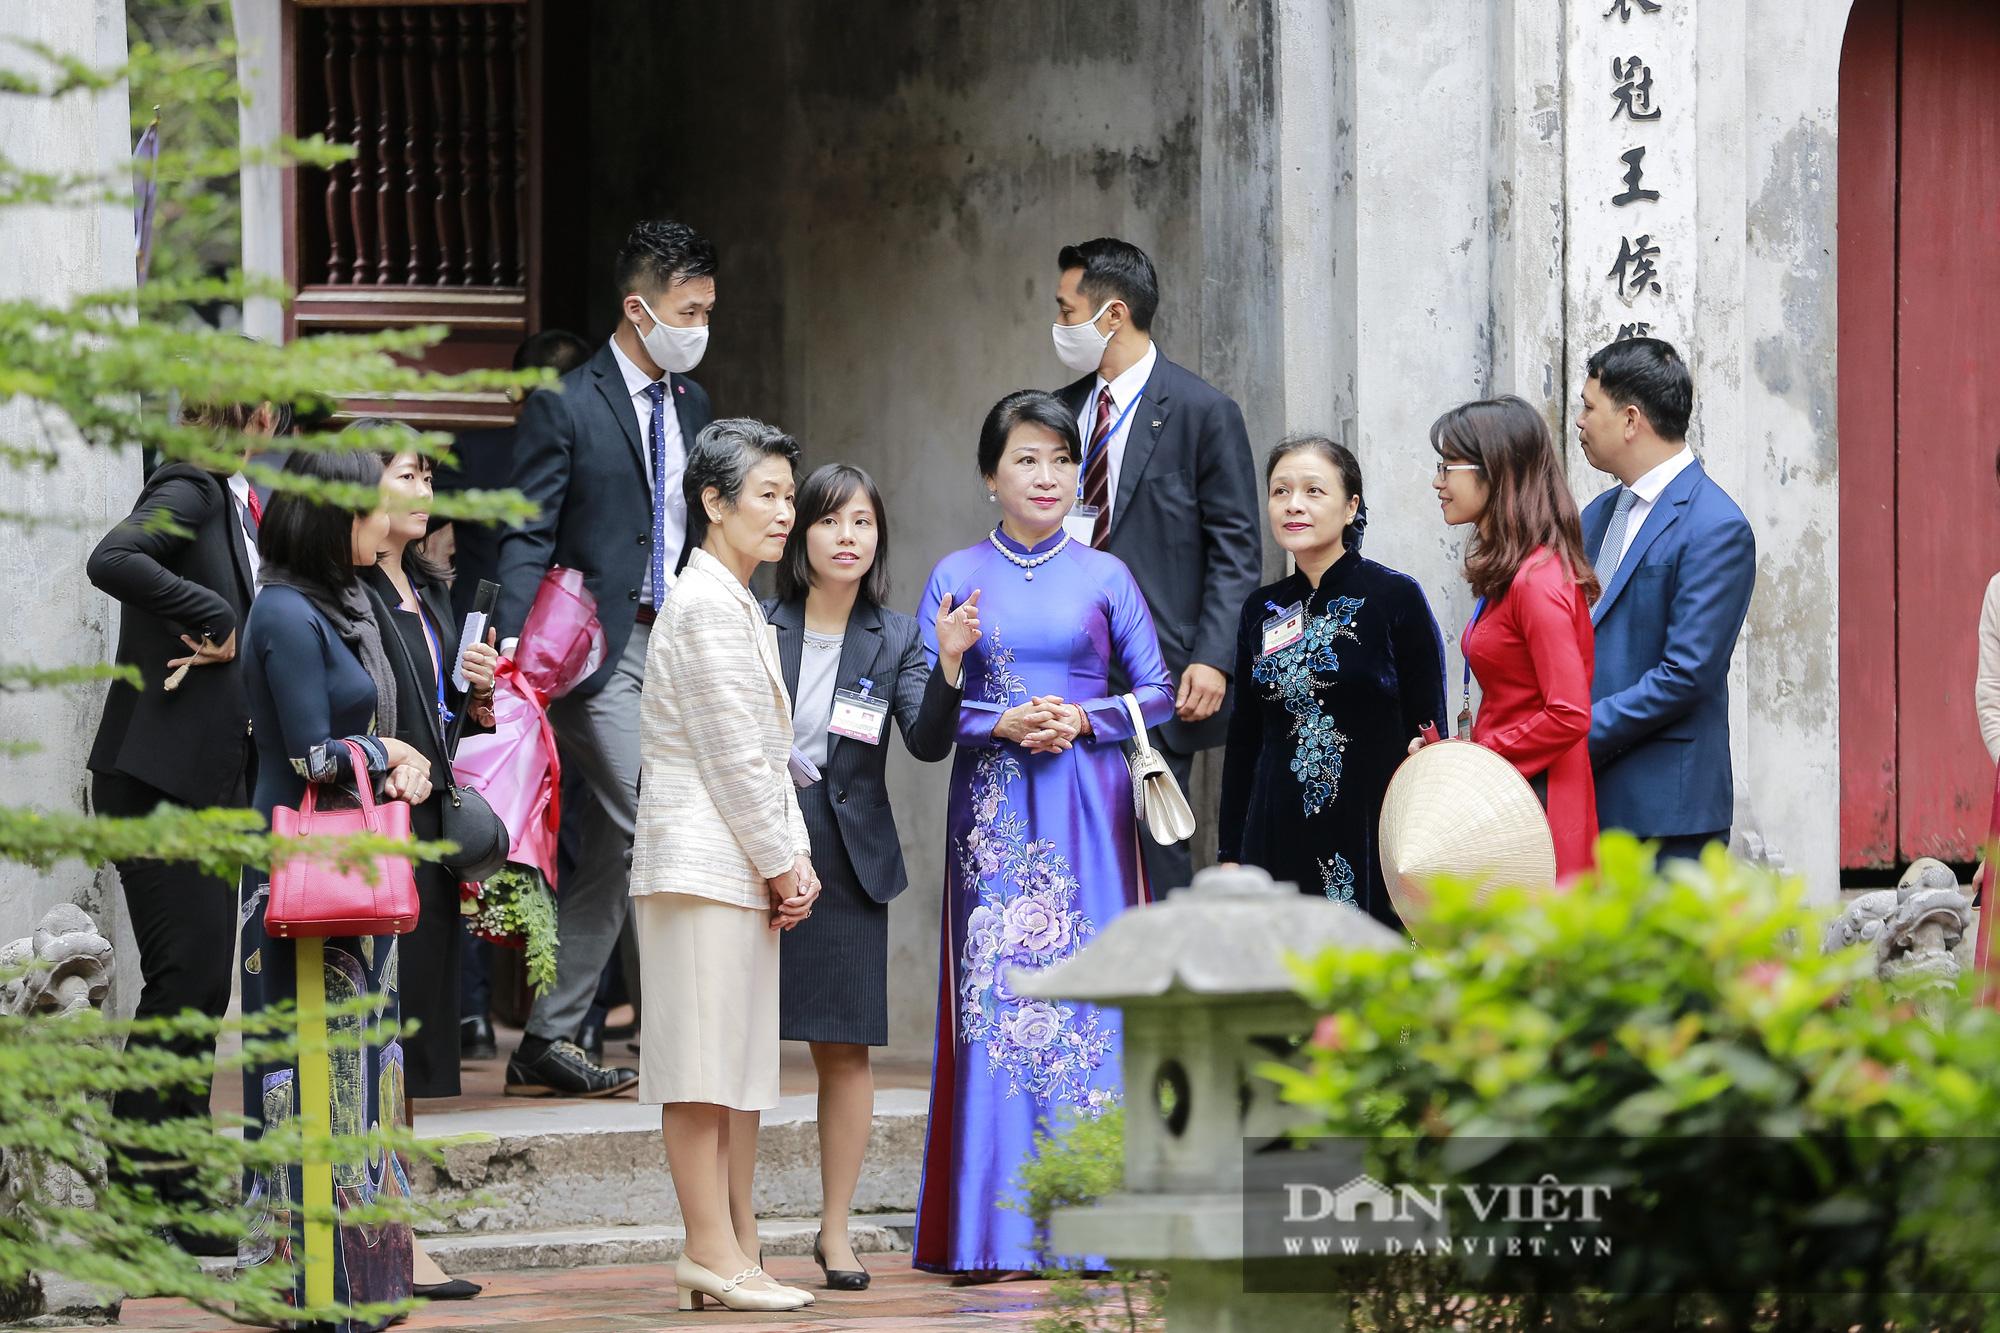 Phu nhân Thủ tướng Nhật Bản tham quan bảo tàng Phụ nữ Việt Nam - Ảnh 7.